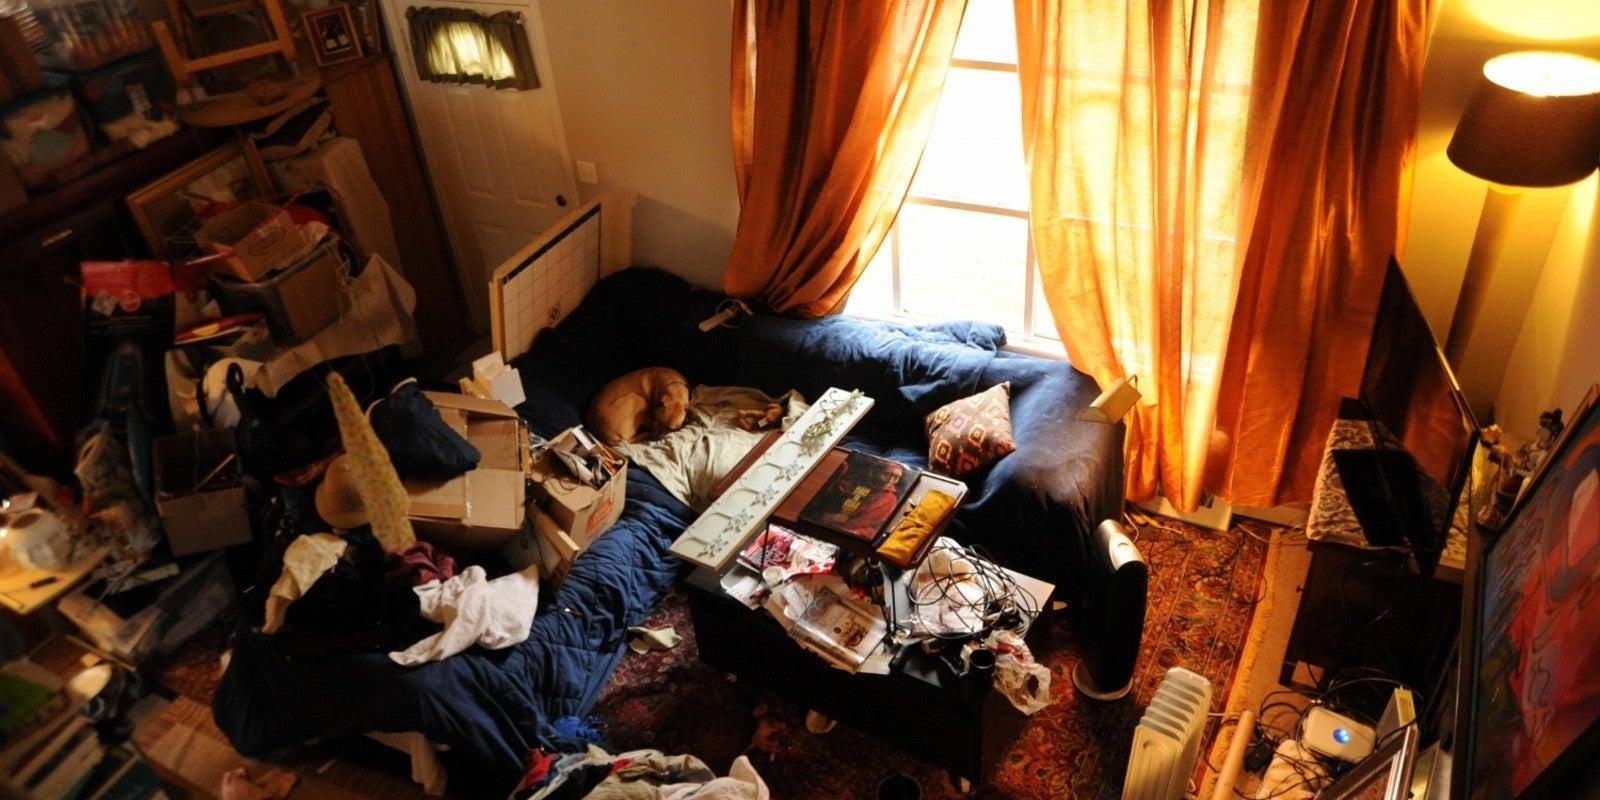 cómo mantener limpio el hogar: no acumules